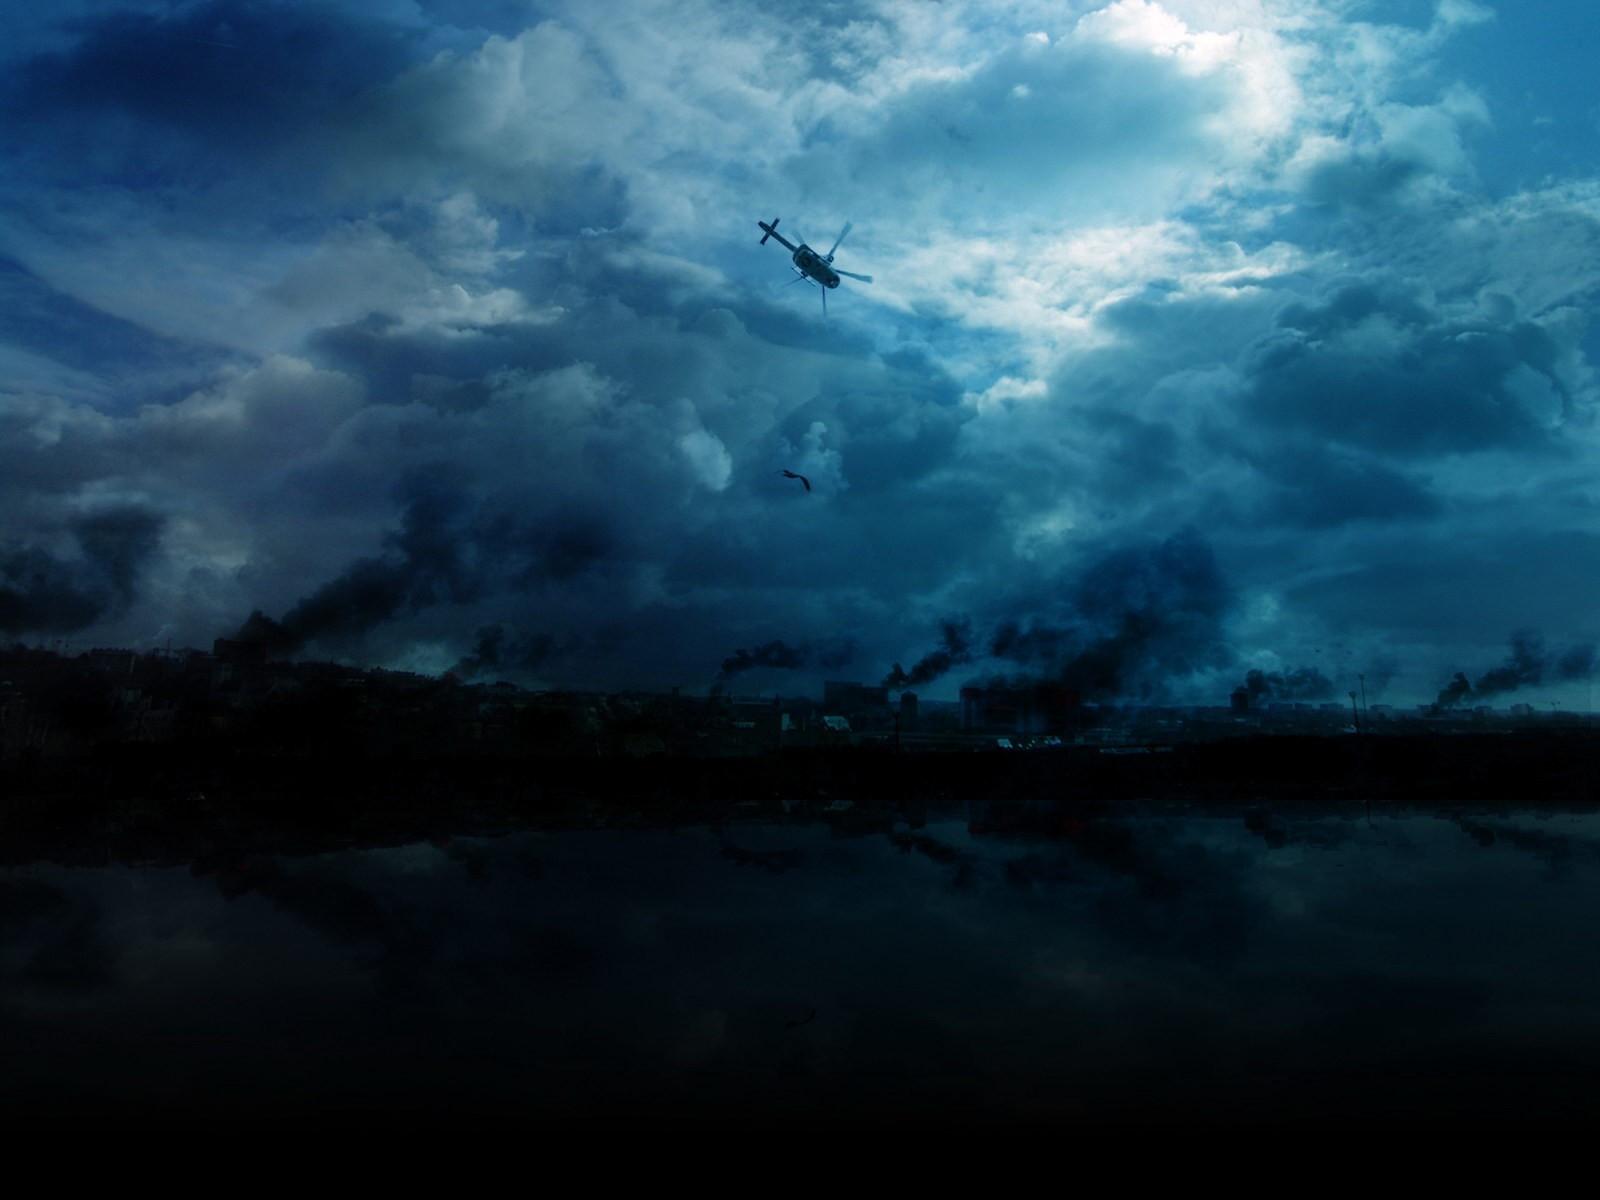 военное небо фото вызывает некоторое